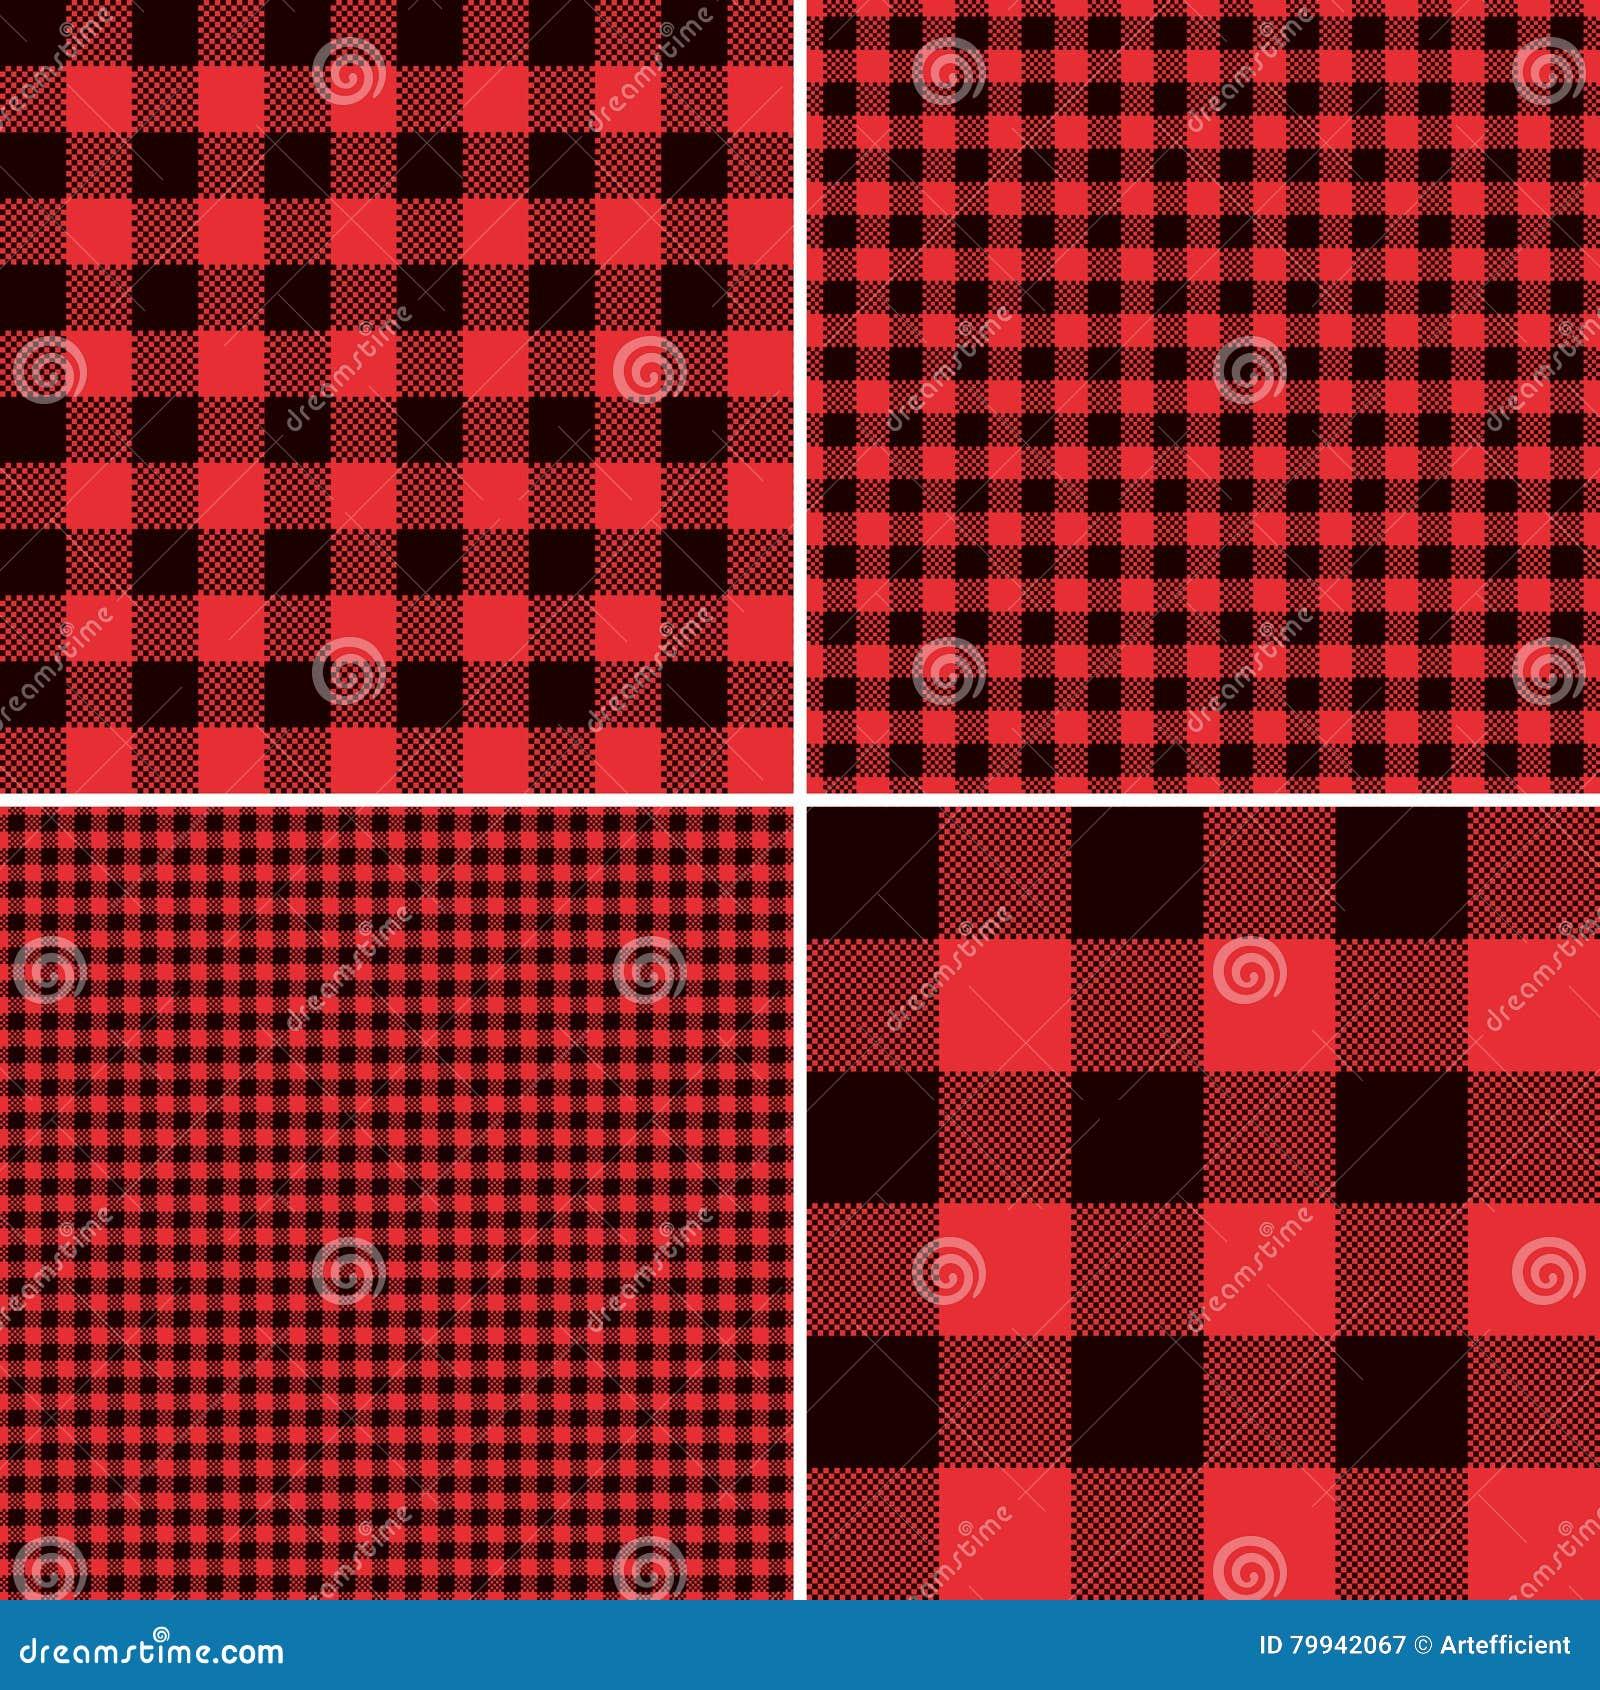 De Plaid van houthakkersred buffalo check en de Vierkante Patronen van de Pixelgingang